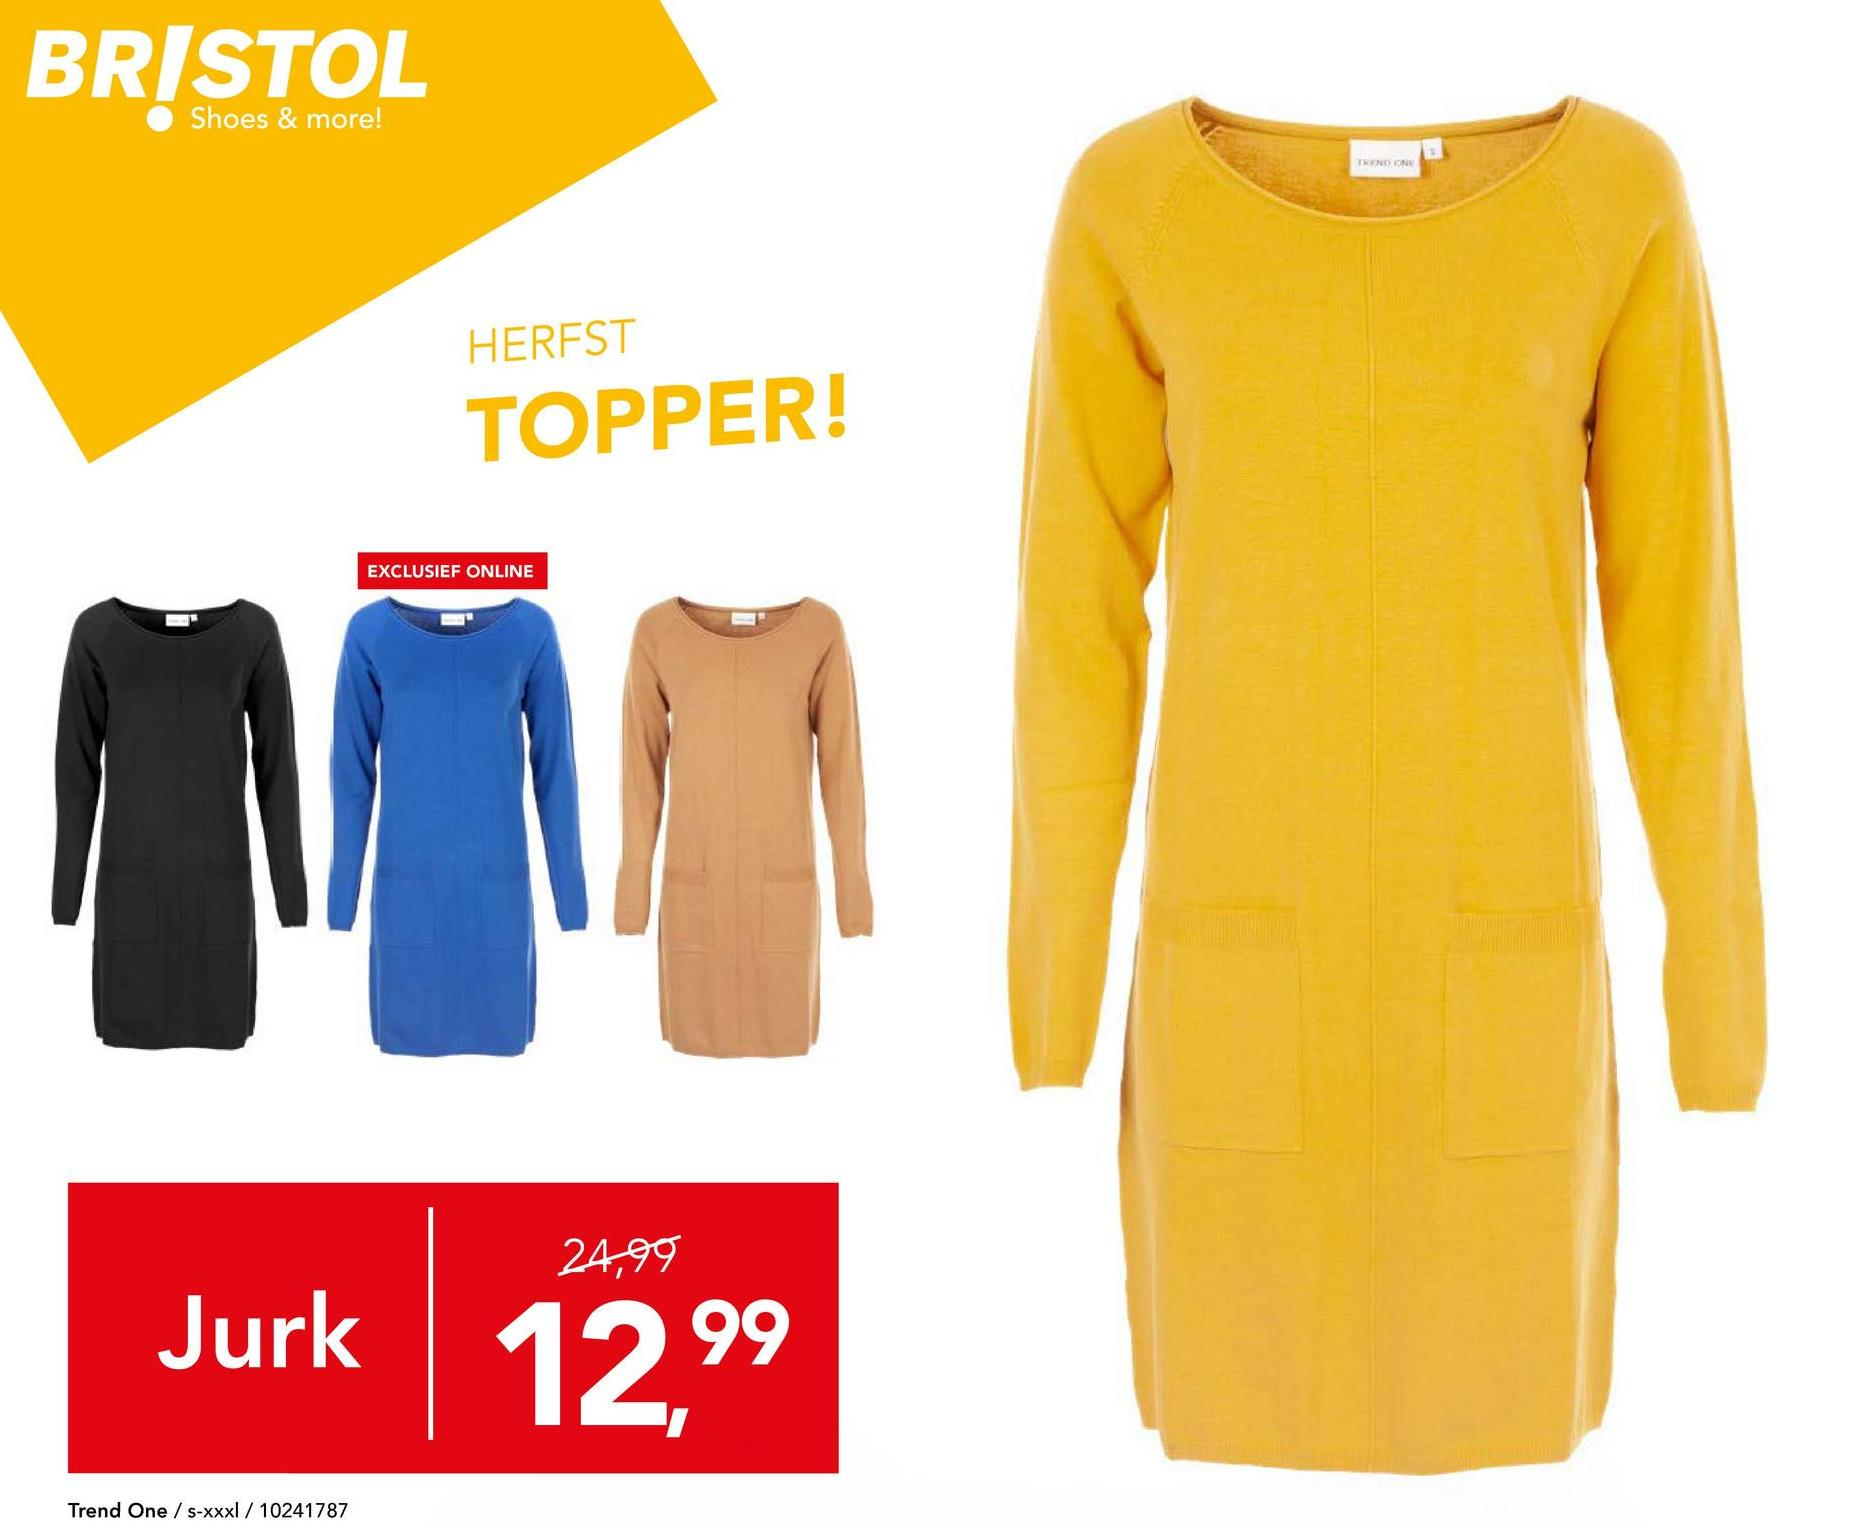 Jurk Trend One - Zwart Trendy en comfortabele jurk met lange mouwen en ronde hals van het merk Trend One voor vrouwen. Kies jouw favoriete kleur(en) nu in onze webshop.